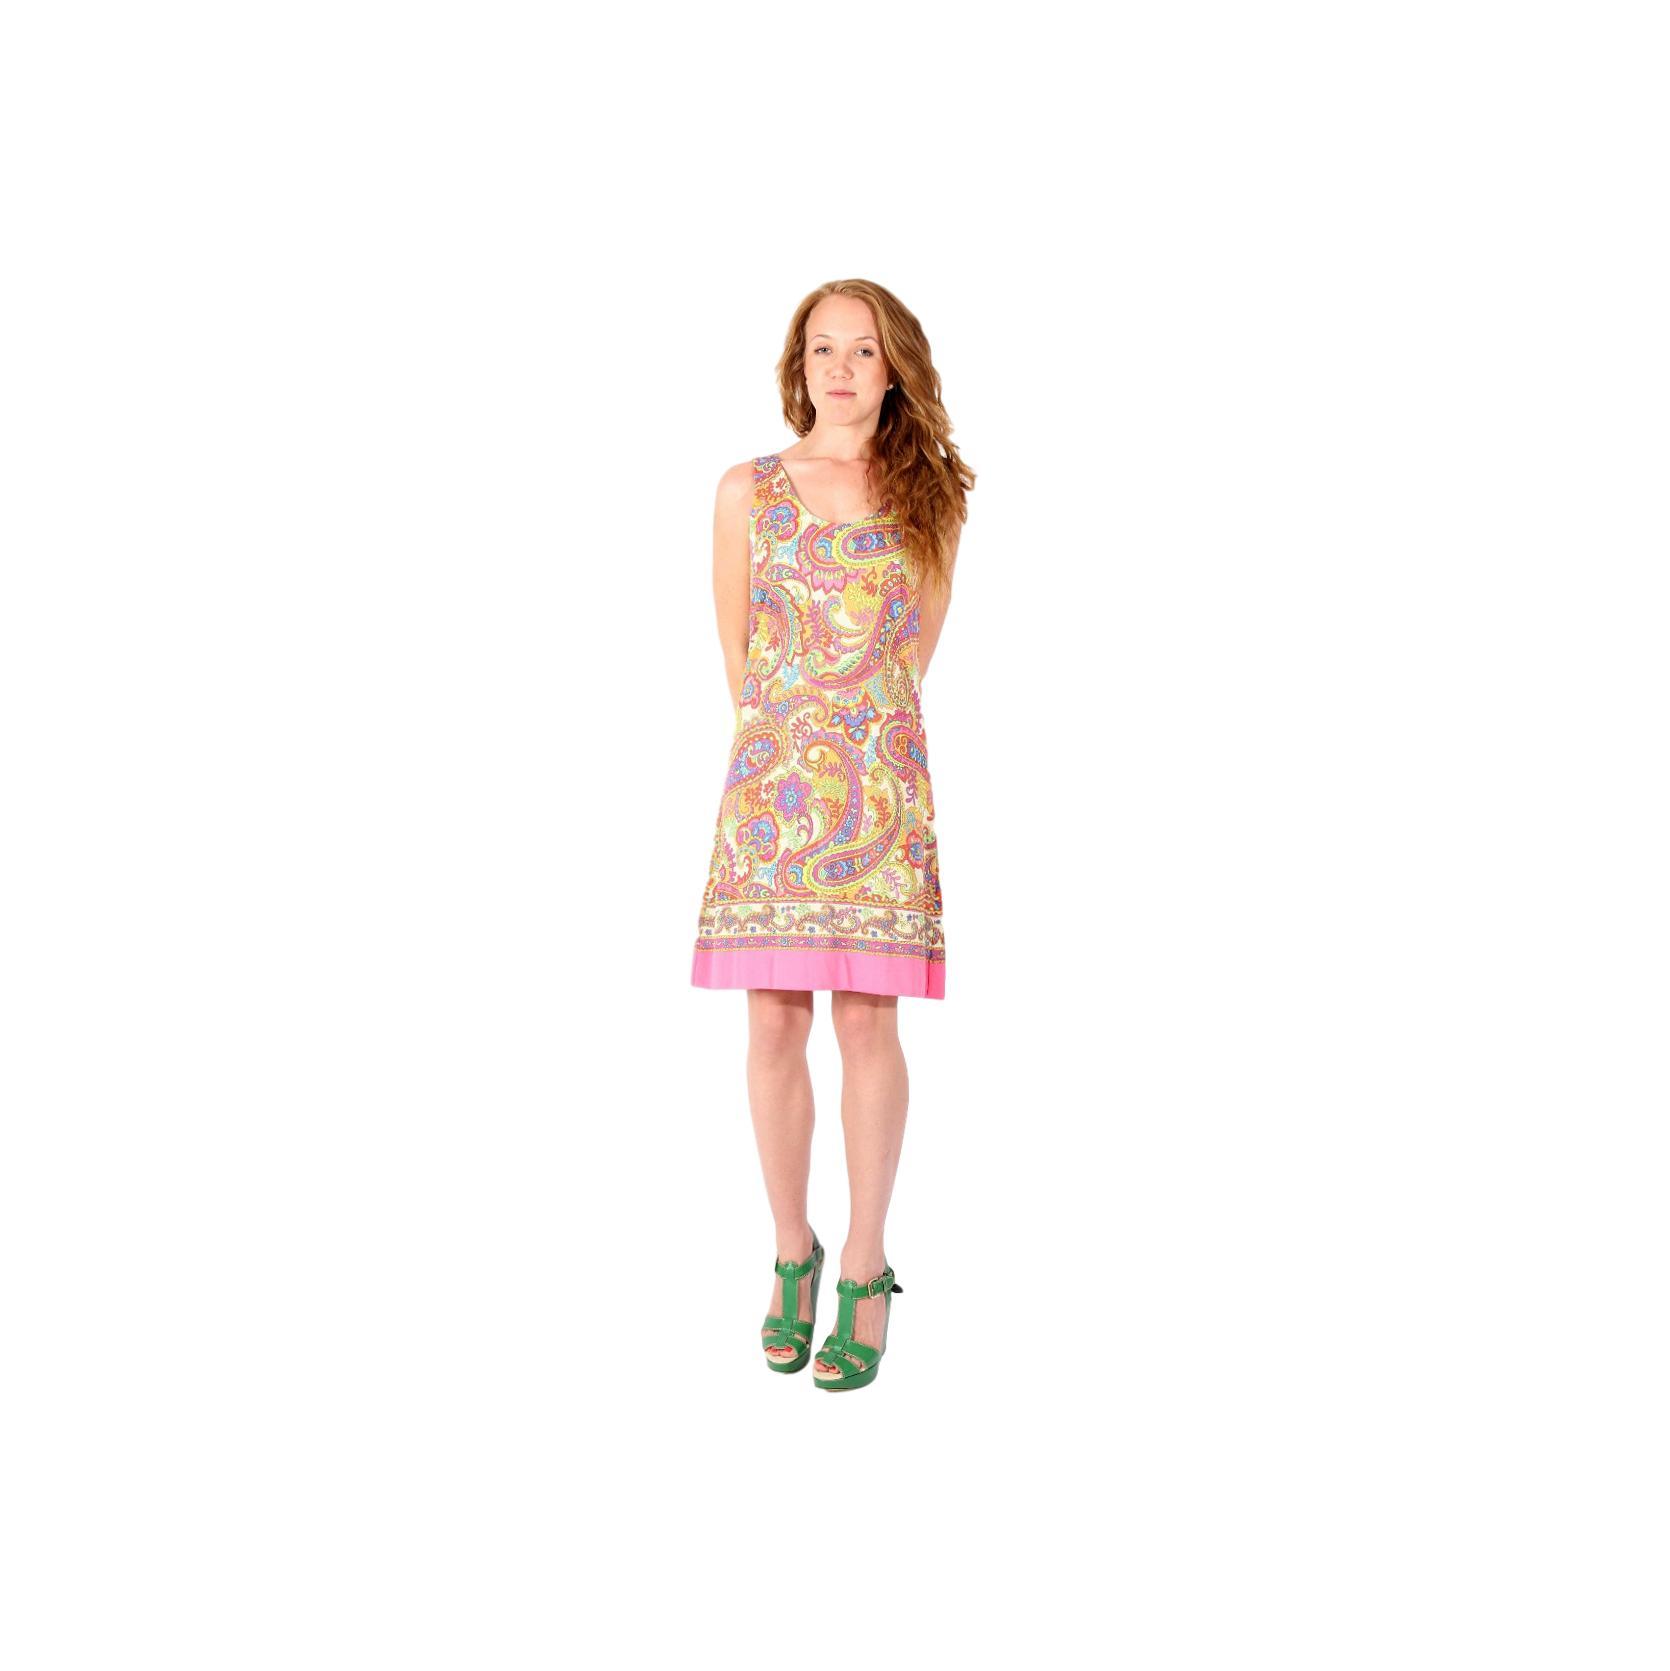 df3f8835731 Купить платье Dolce   Gabbana за 12800 руб. в интернет магазине ...